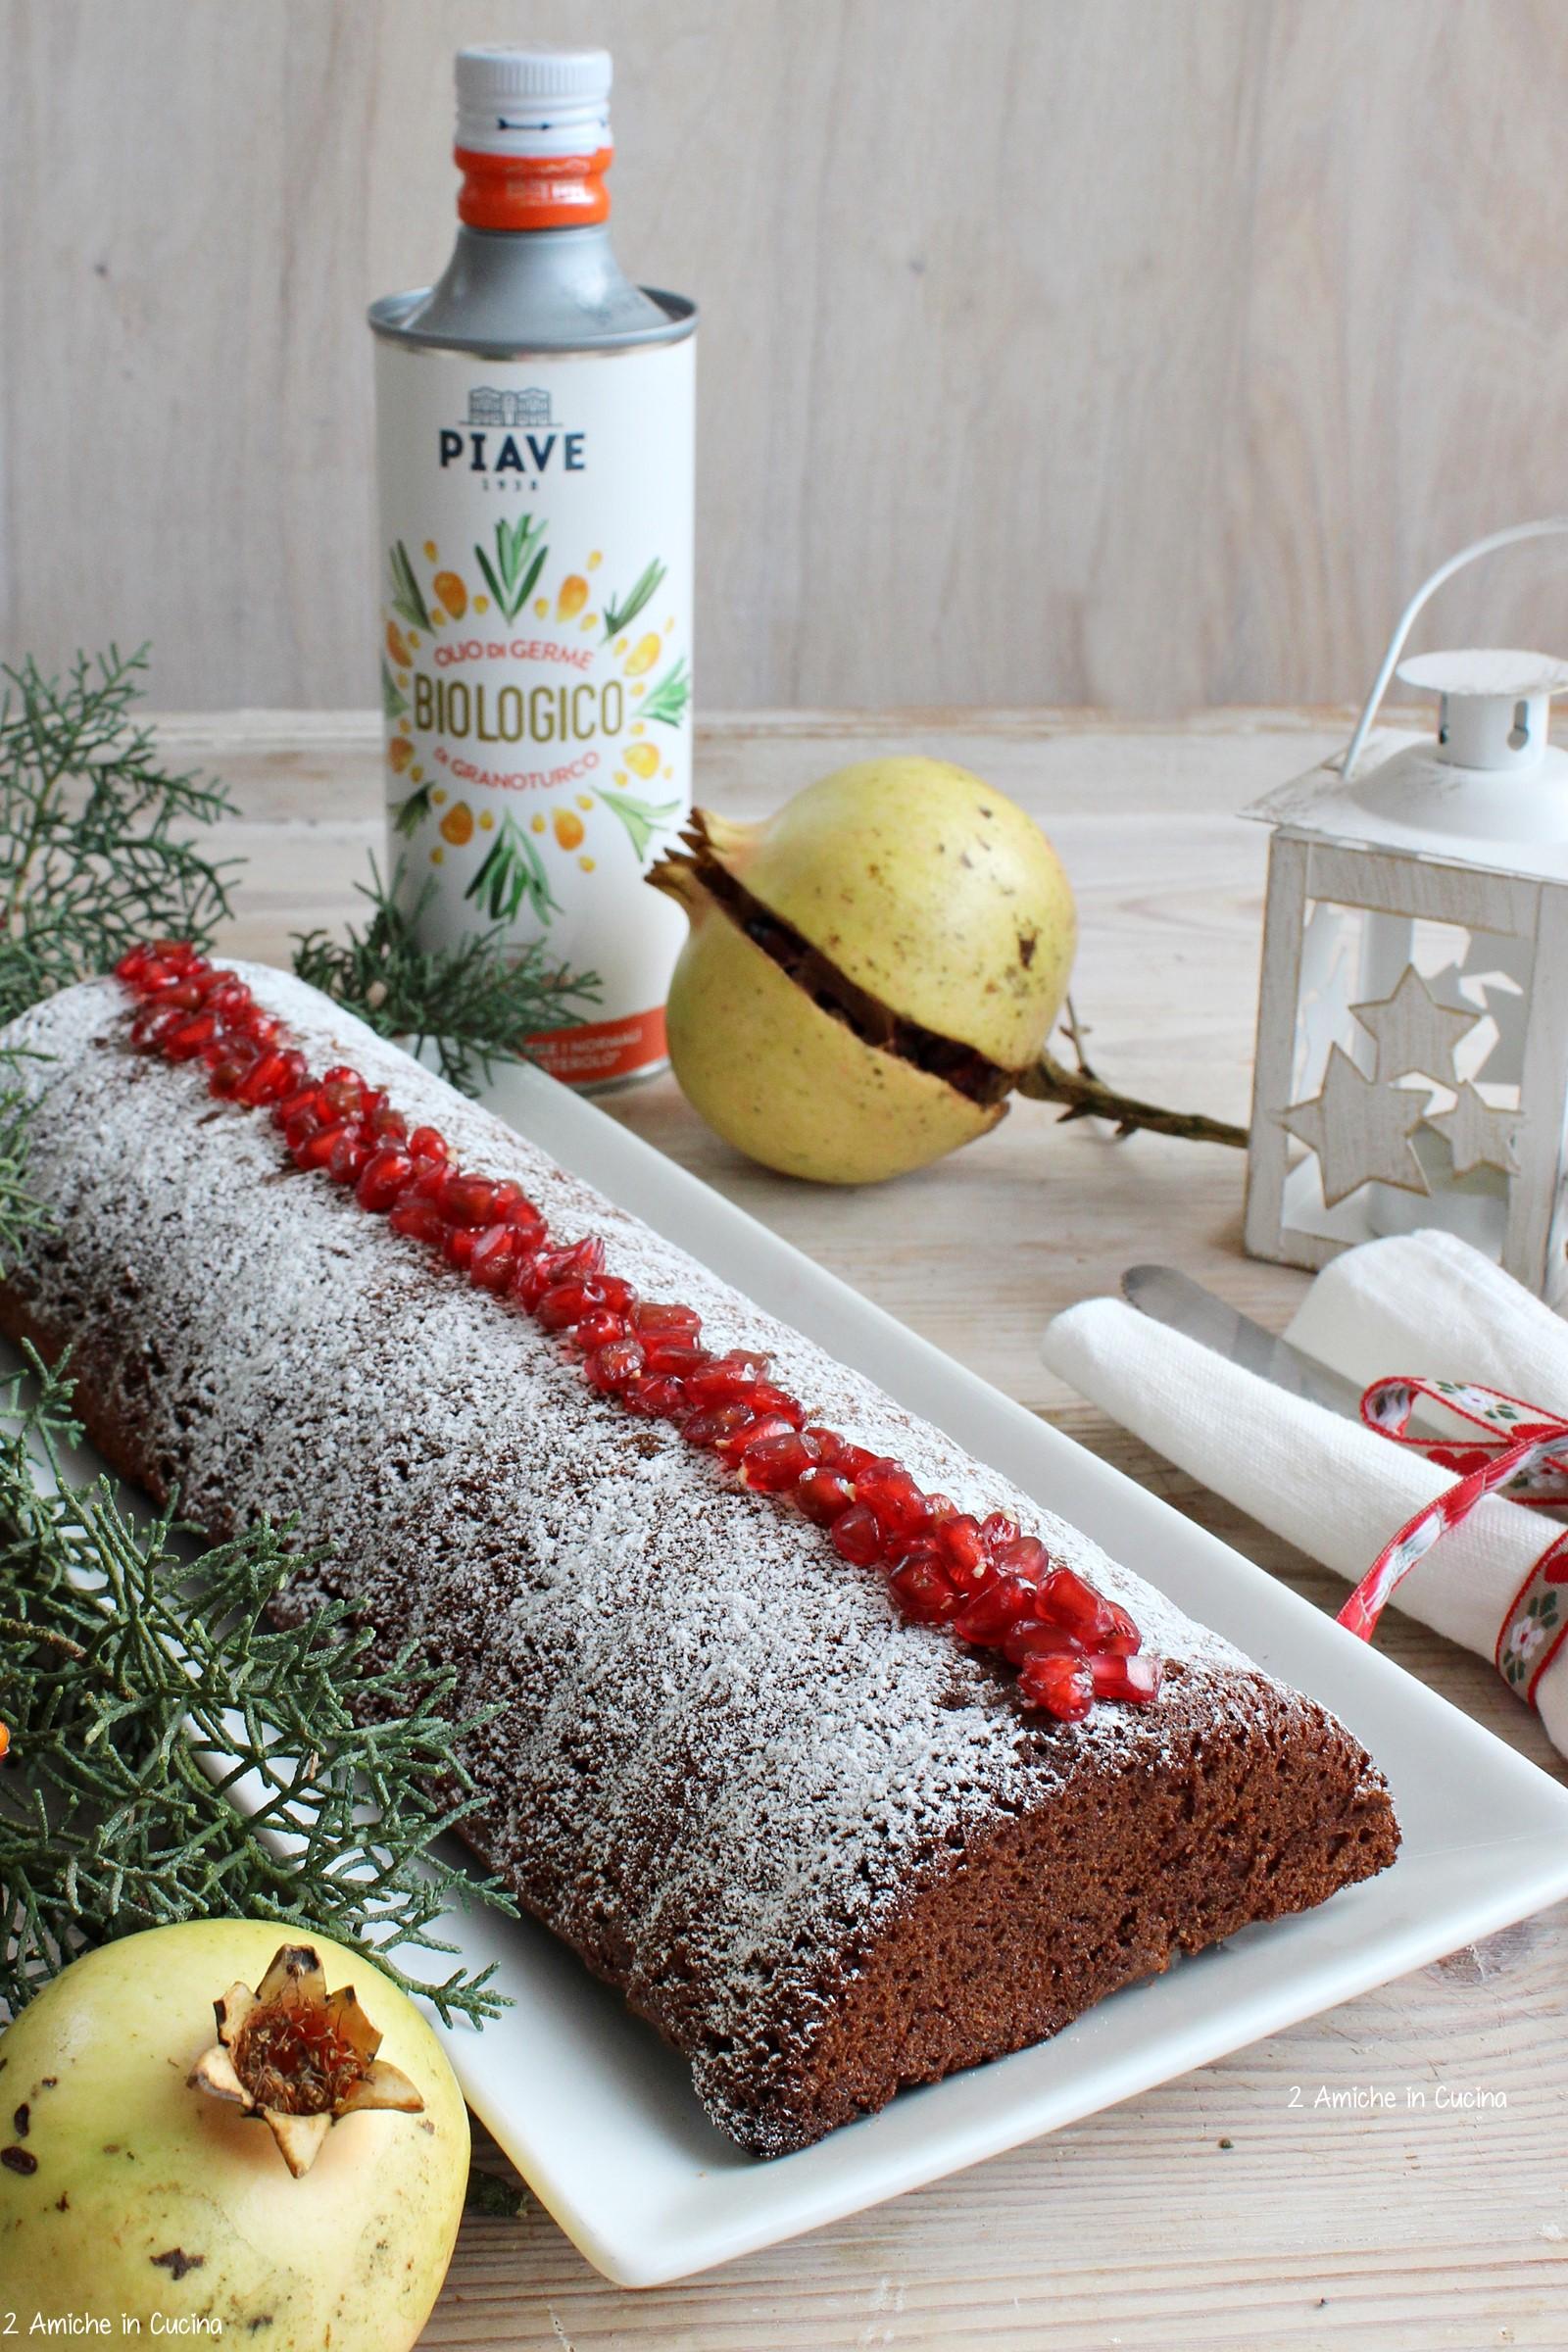 plumcake-al-cioccolato-melagrana-e-zenzero-olio-piave